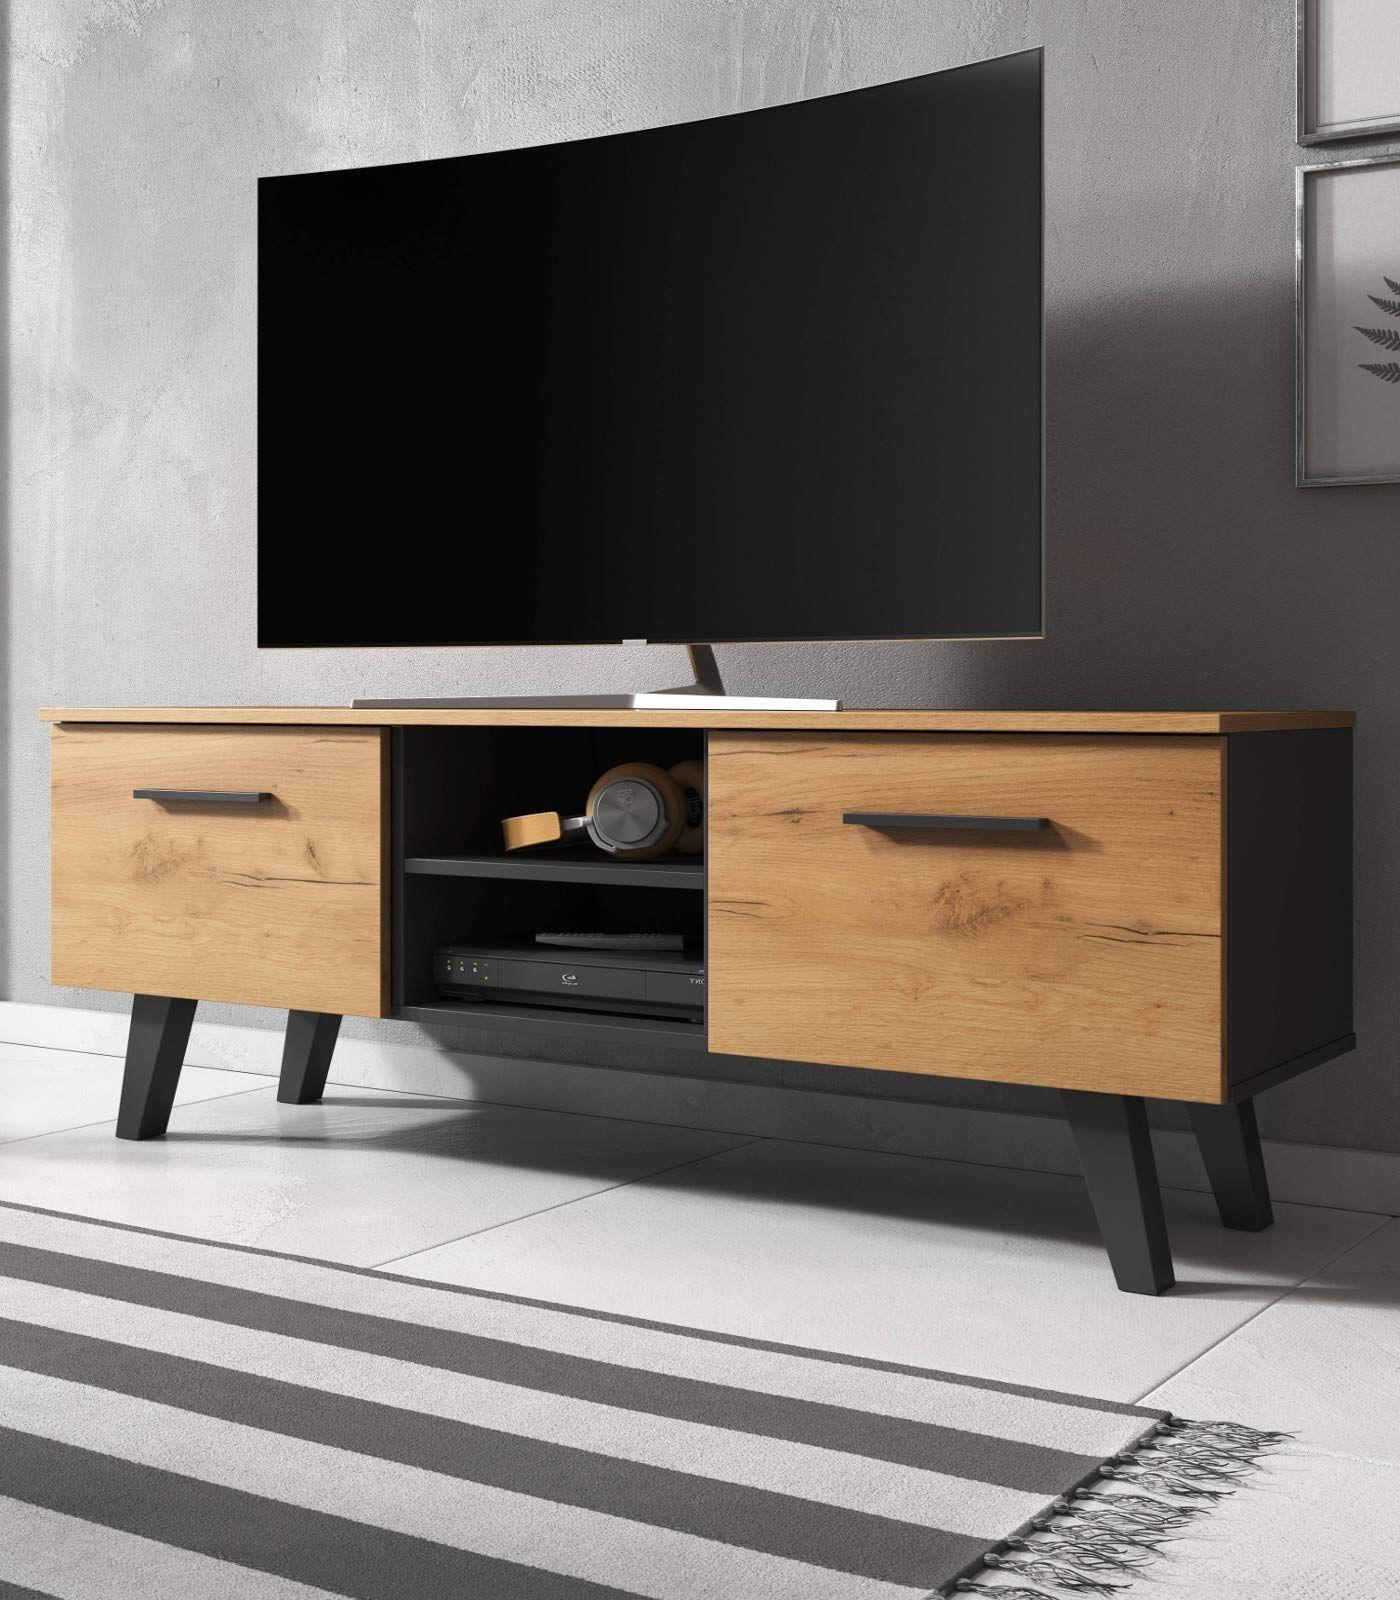 36+ Tv moebel schwarz gold Trends